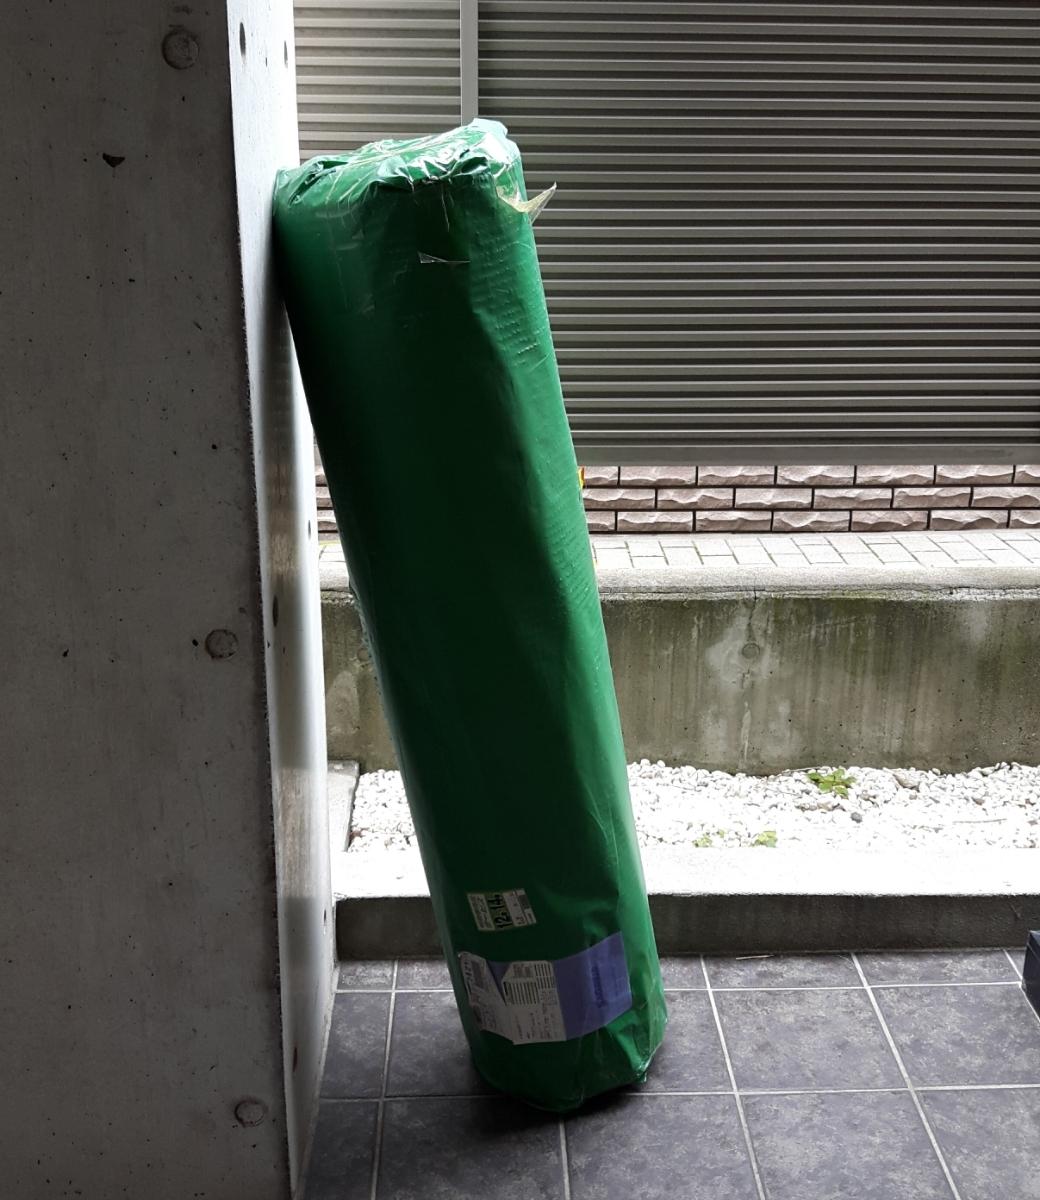 楽天 ロウヤ購入 人工芝 グリーン ガーデニング リアル ロール 3.5cm 1m×5m